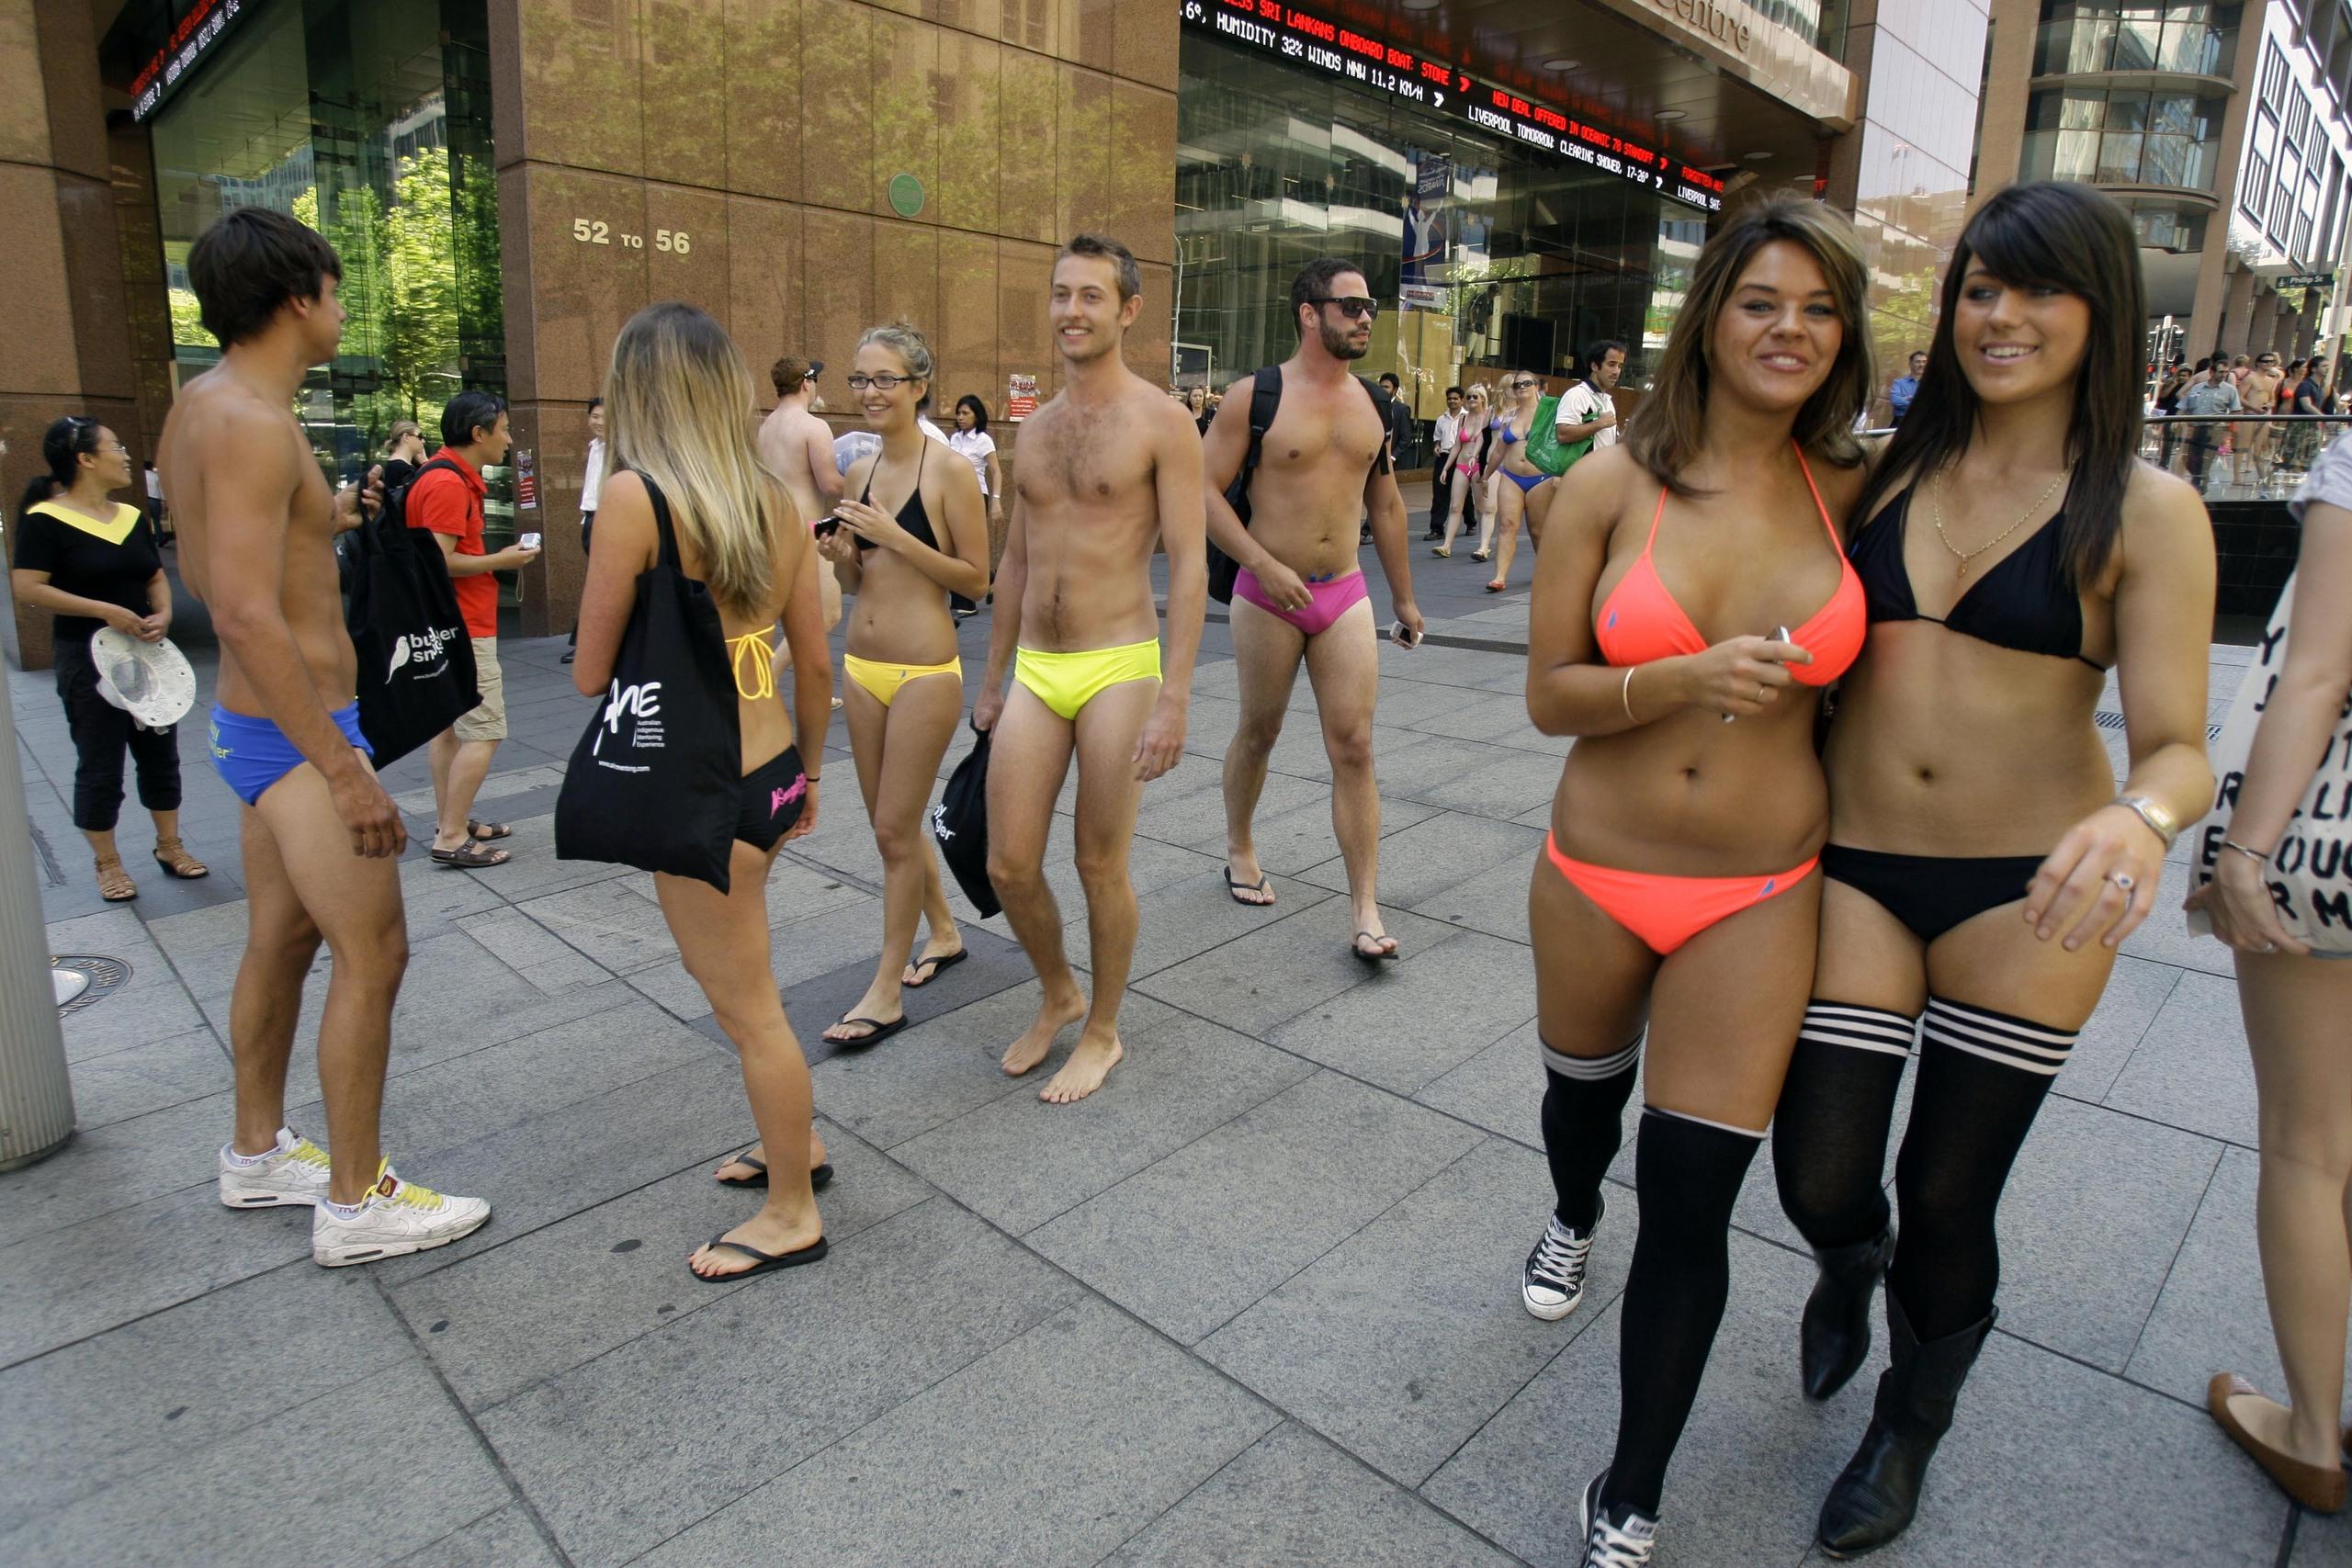 Публично голая фото, На публике -галерей. Смотреть порно фото 3 фотография